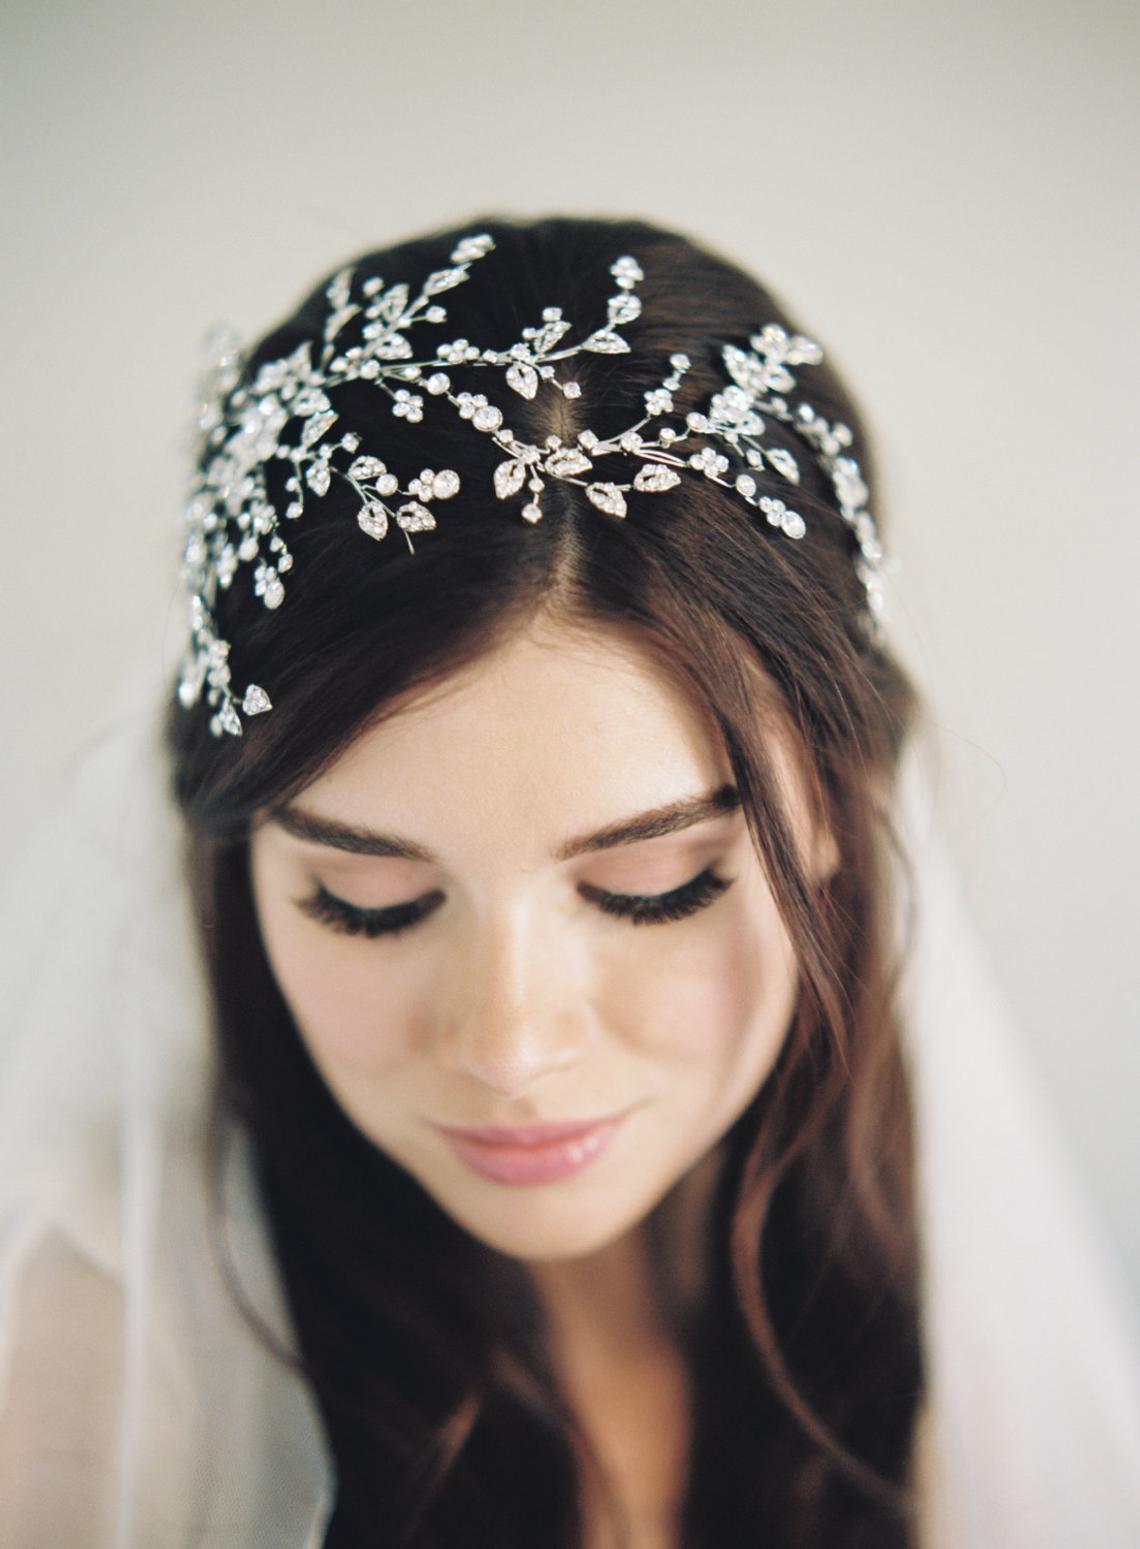 Silber Hochzeit Tiara-Braut Kristall Krone-Woodland Krone-1920er Jahre Kopfschmuck-Halo Krone-Boho Krone-Kristall Halo-Gatsby Kopfschmuck-1604